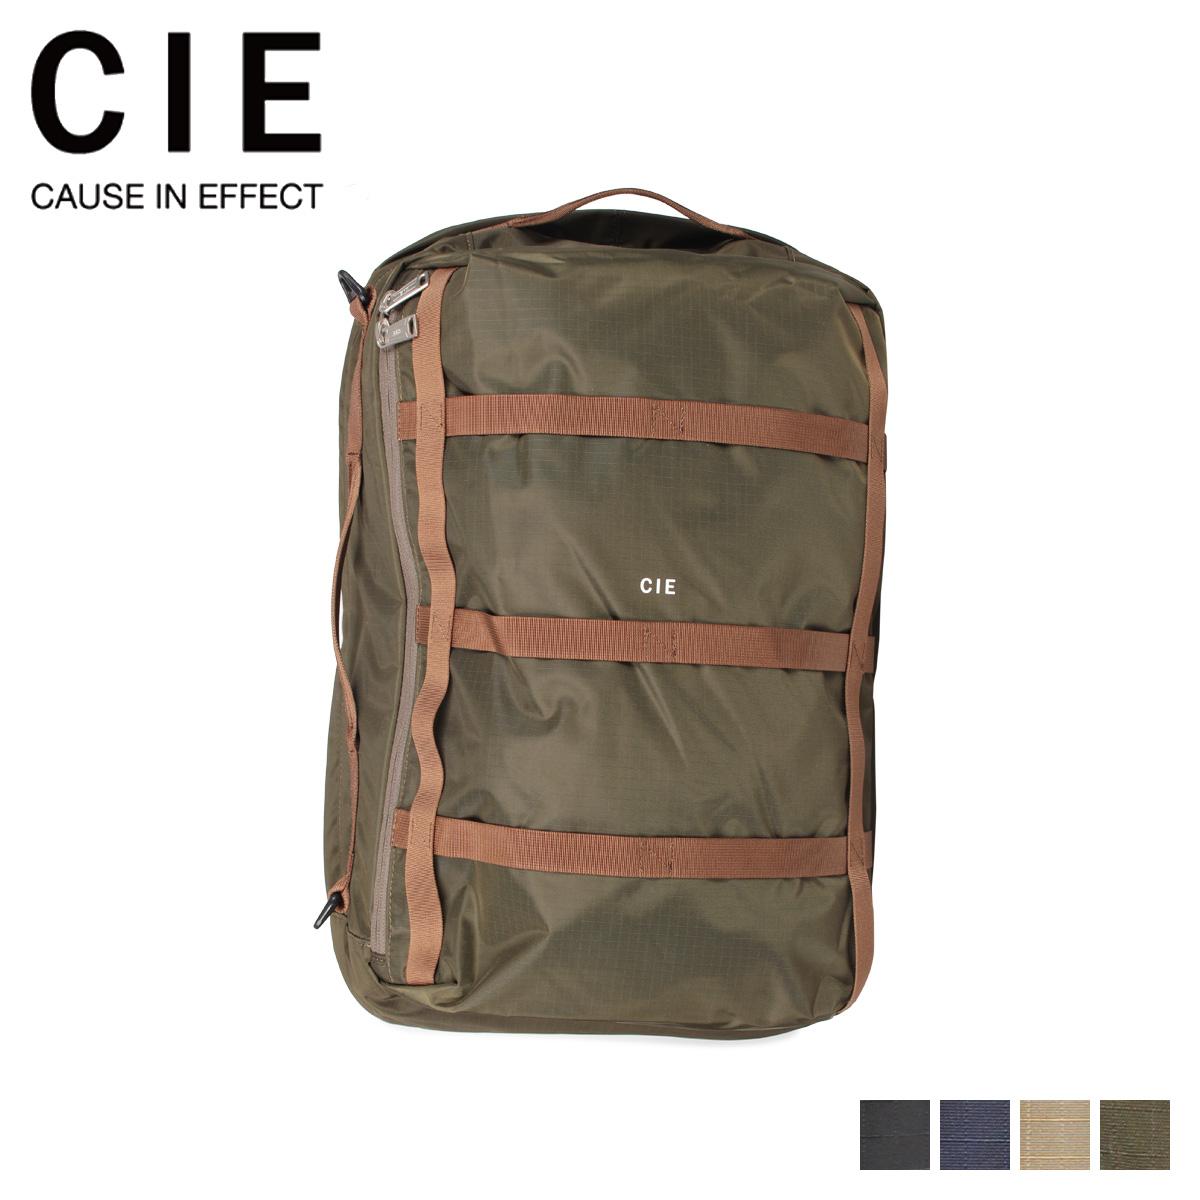 CIE シー リュック バッグ バックパック メンズ レディース GRID ブラック ネイビー サンド オリーブ 黒 031803